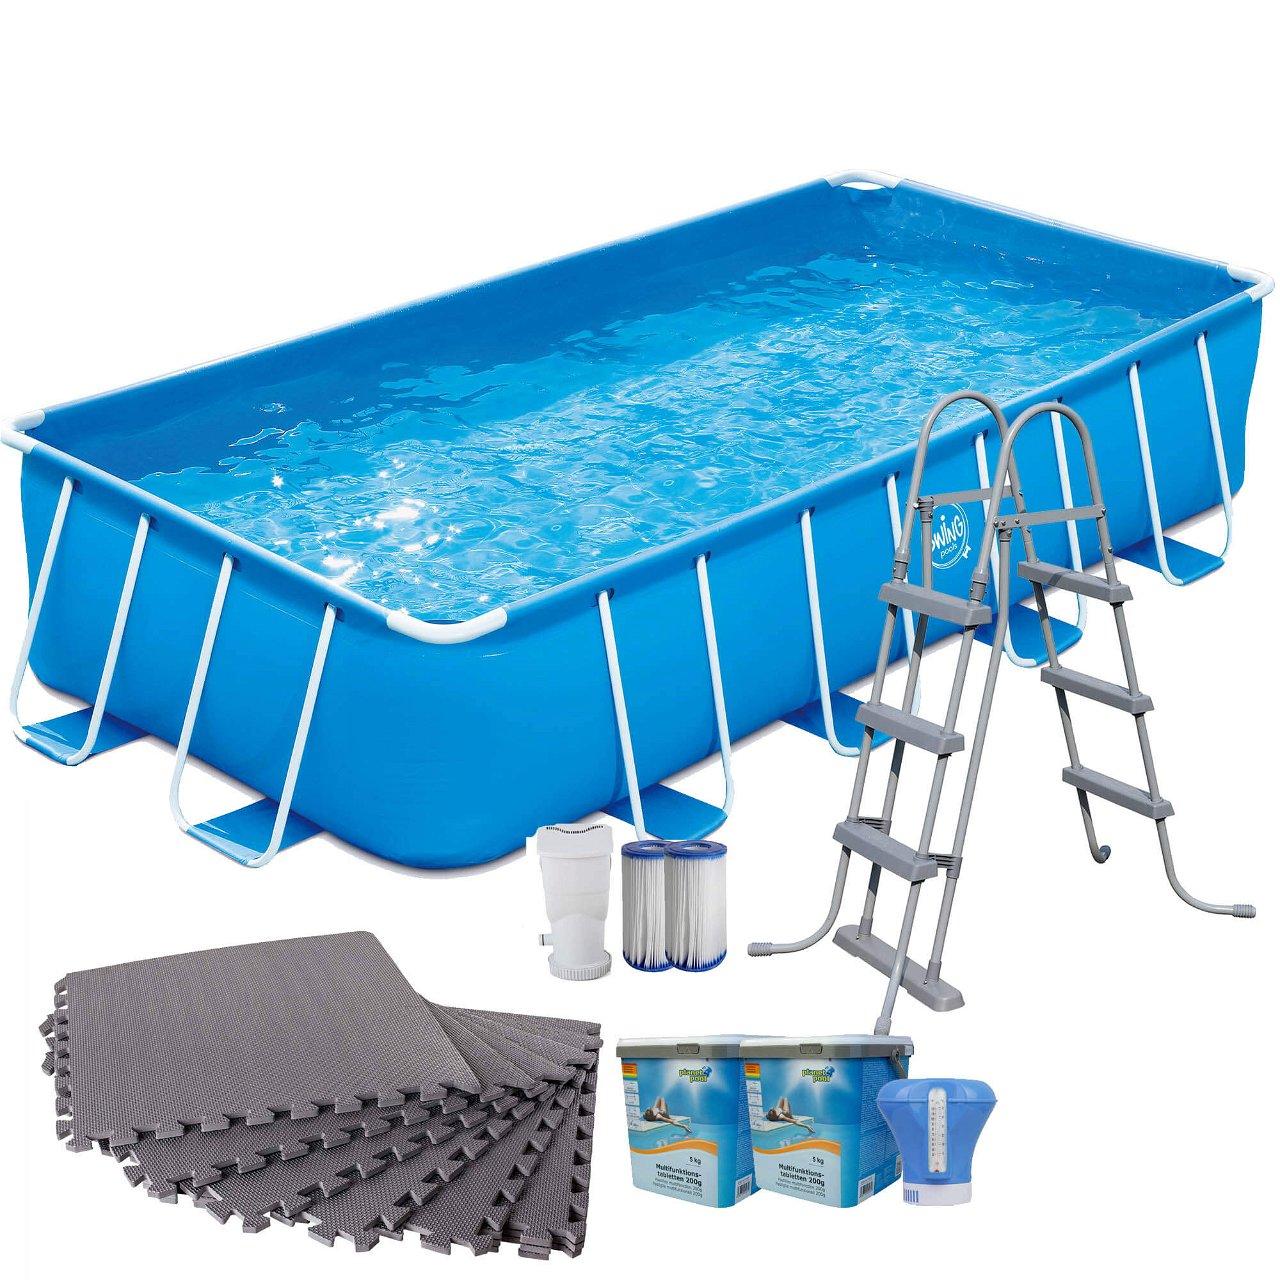 Frame Pool blau rechteckig 488x244x107cm Set mit Bodenschutzmatten grau 8mm